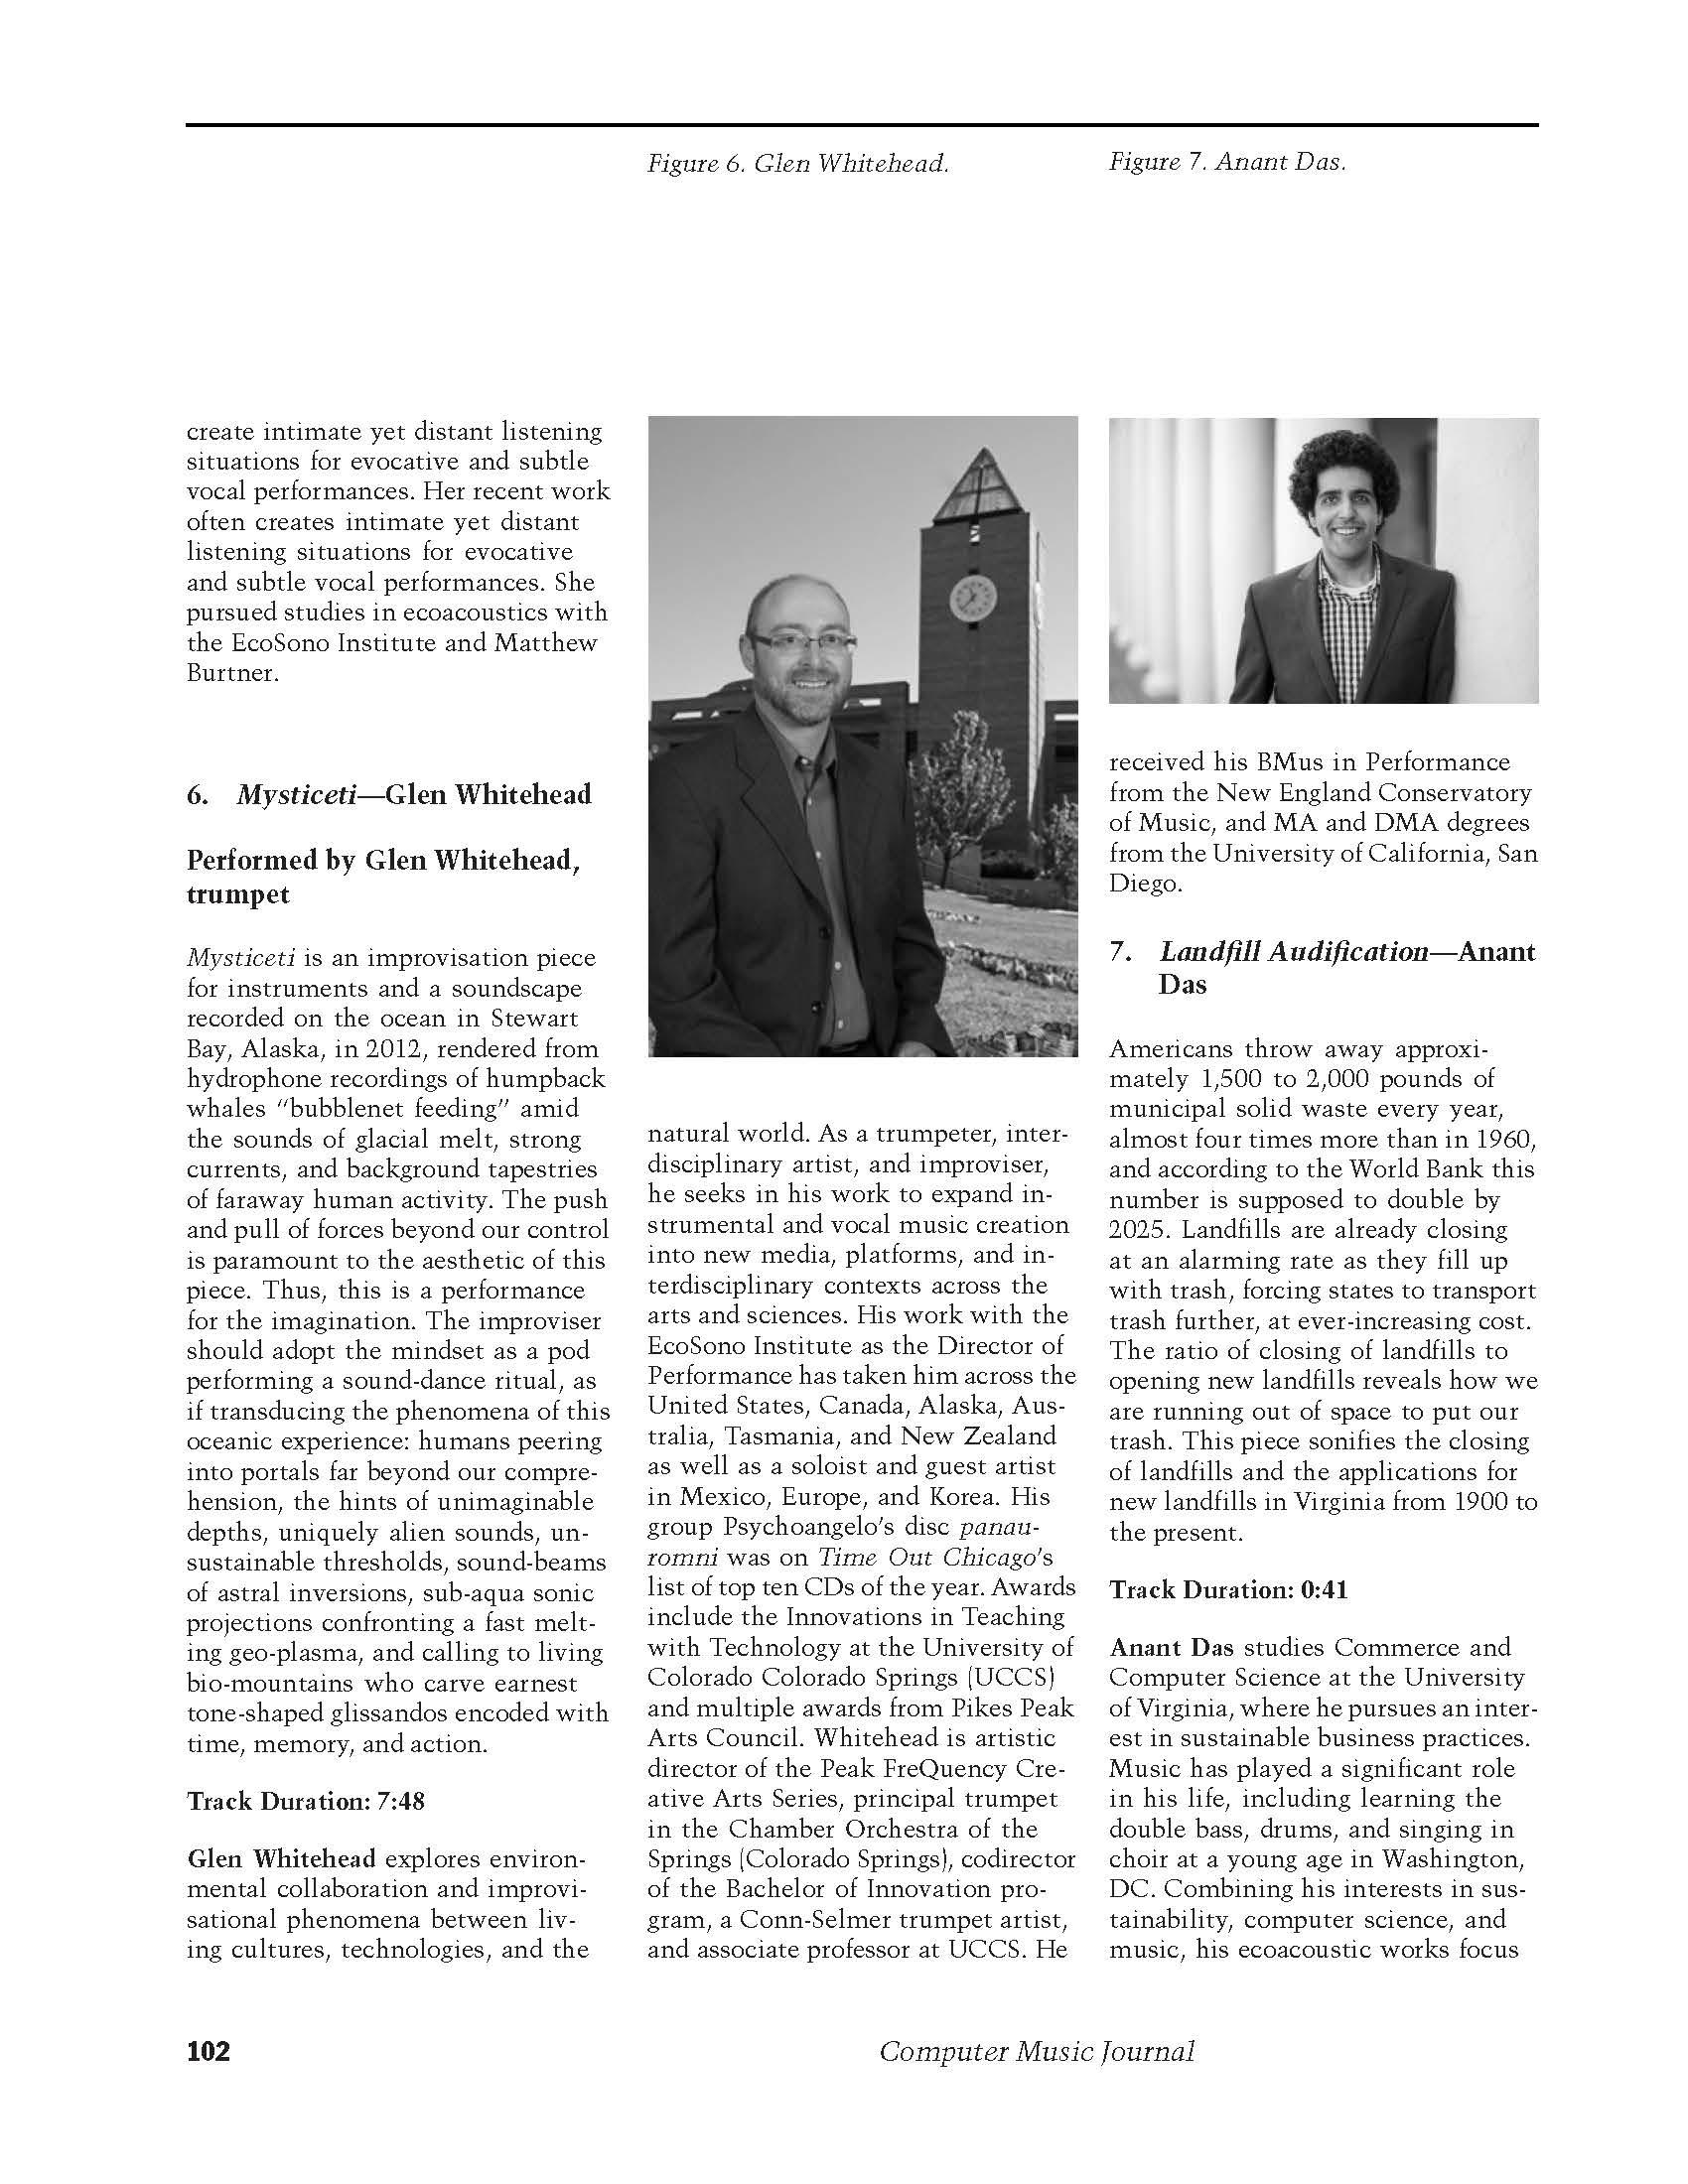 Computer Music Journal MIT_Page_4.jpg